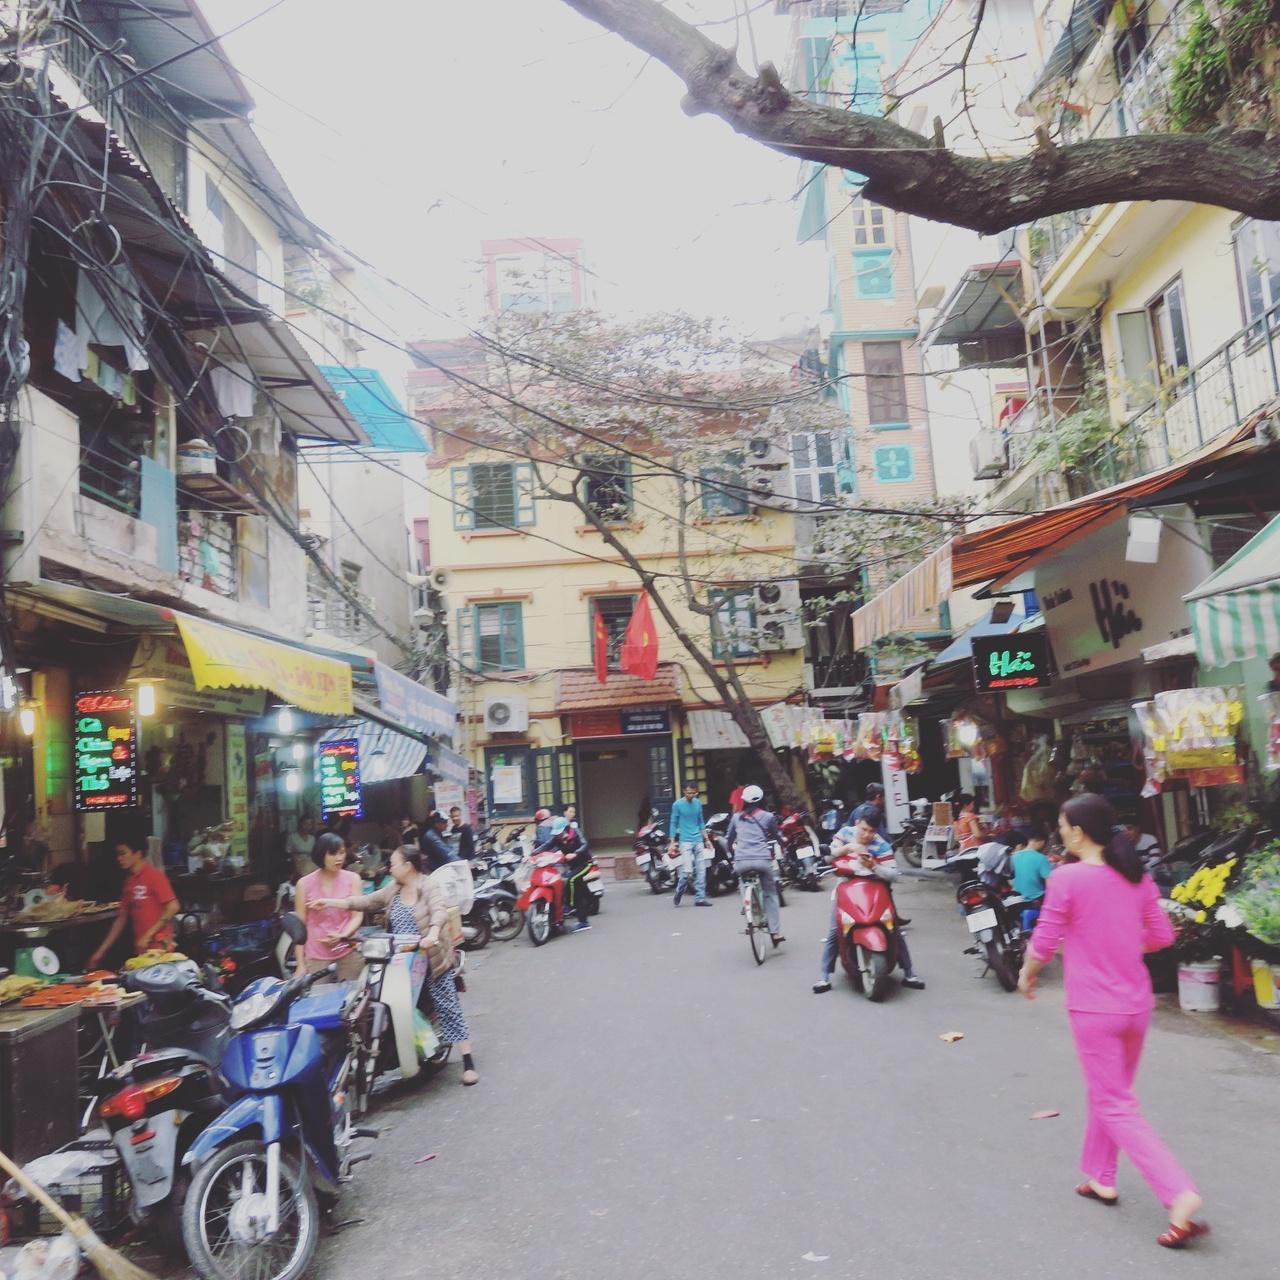 1月の三連休プラス1日でベトナムのハノイに行ってきまし